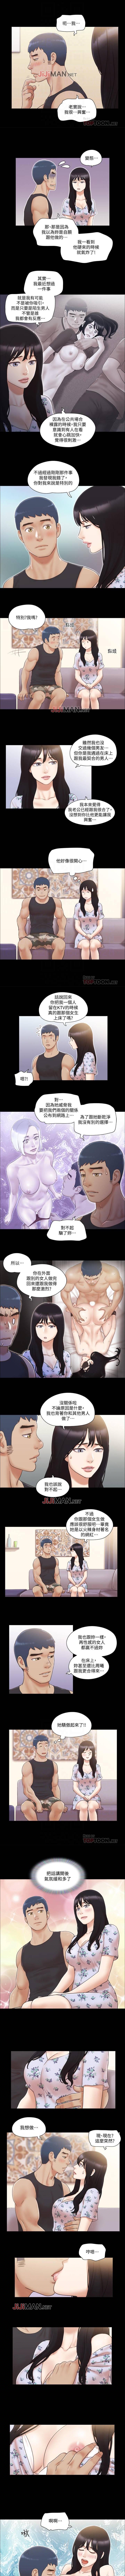 【周五连载】协议换爱(作者:遠德) 第1~57话 159